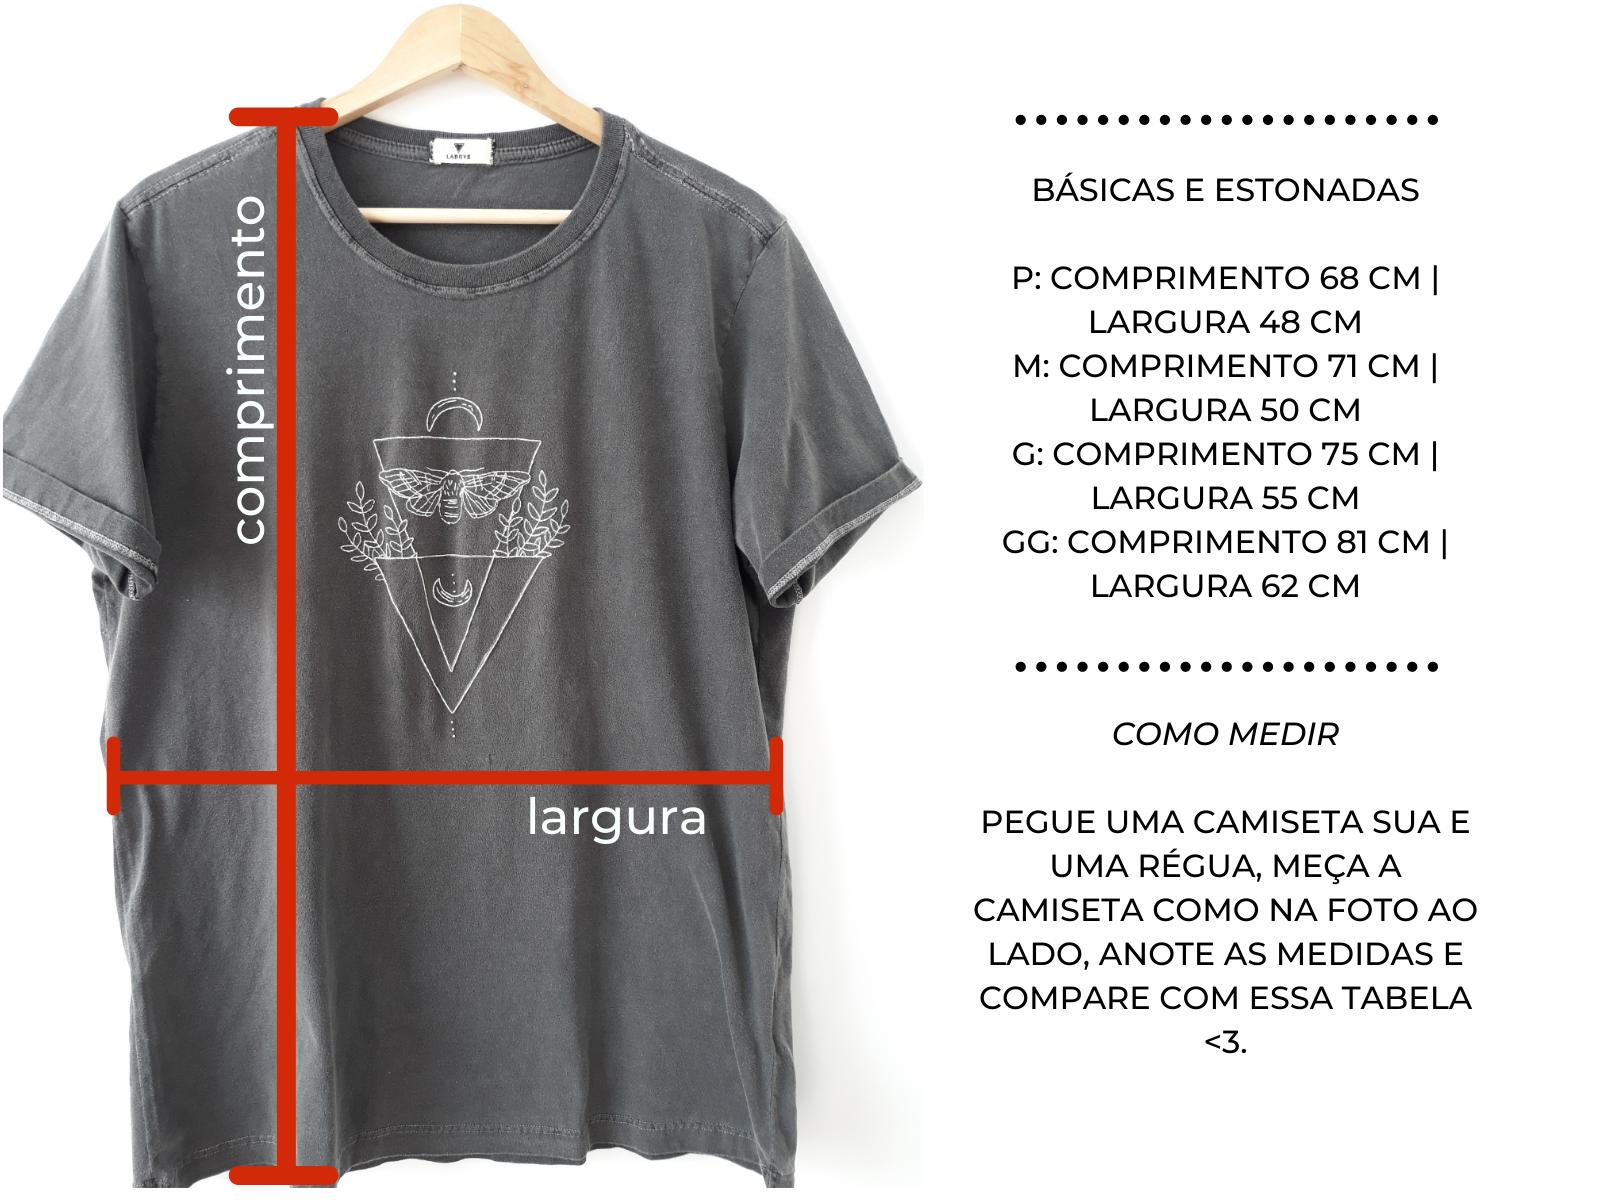 Dica: compare as medidas com alguma camiseta que você já tenha em casa ou com algum site que tenha costume de comprar.